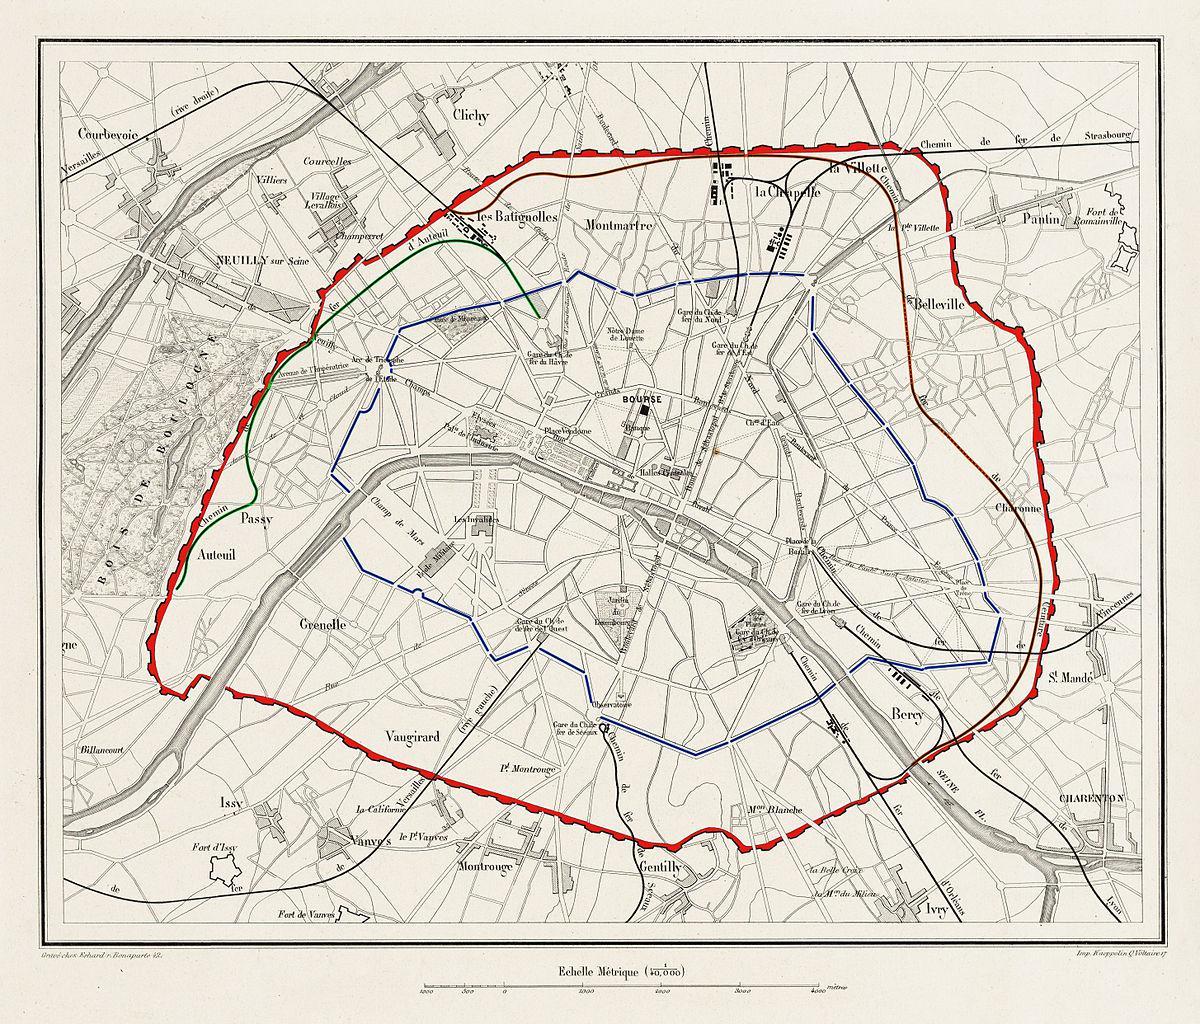 Agrandissement de Paris, la capitale prend ses dimensions actuelles en intégrant les communes limitrophes